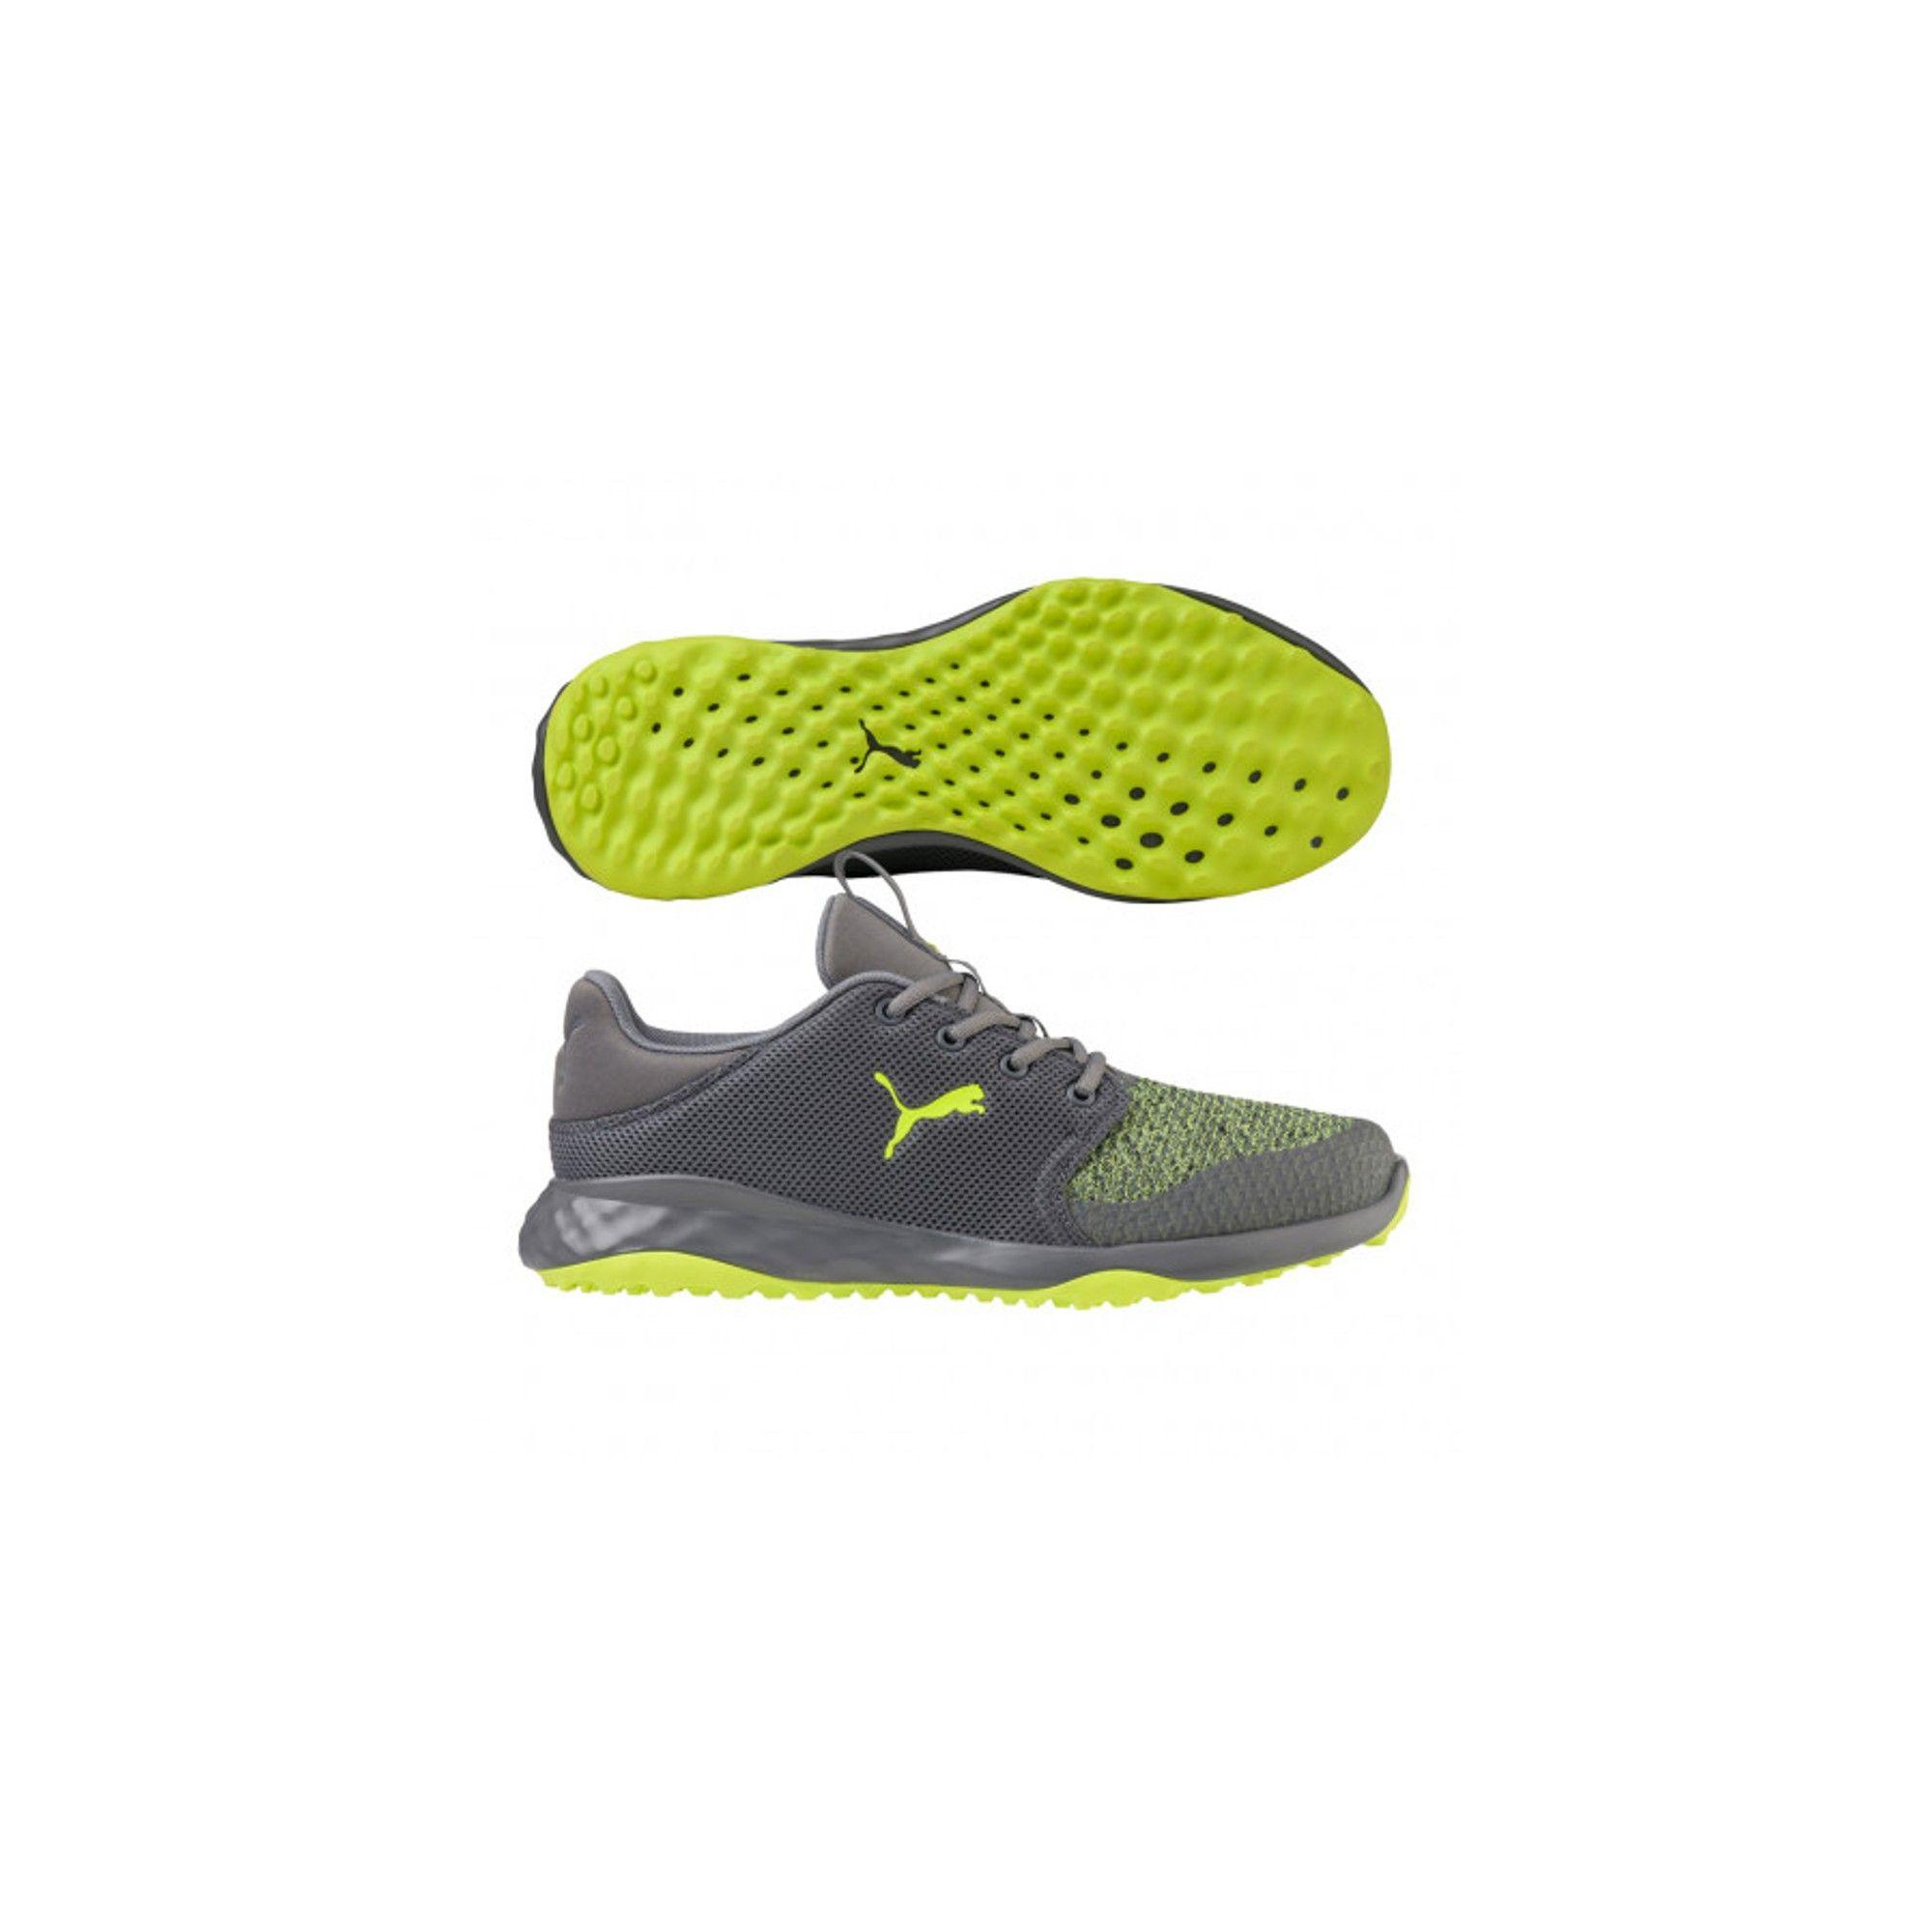 Men's Puma Grip Fusion Sport Spikeless Golf Shoes Quiet